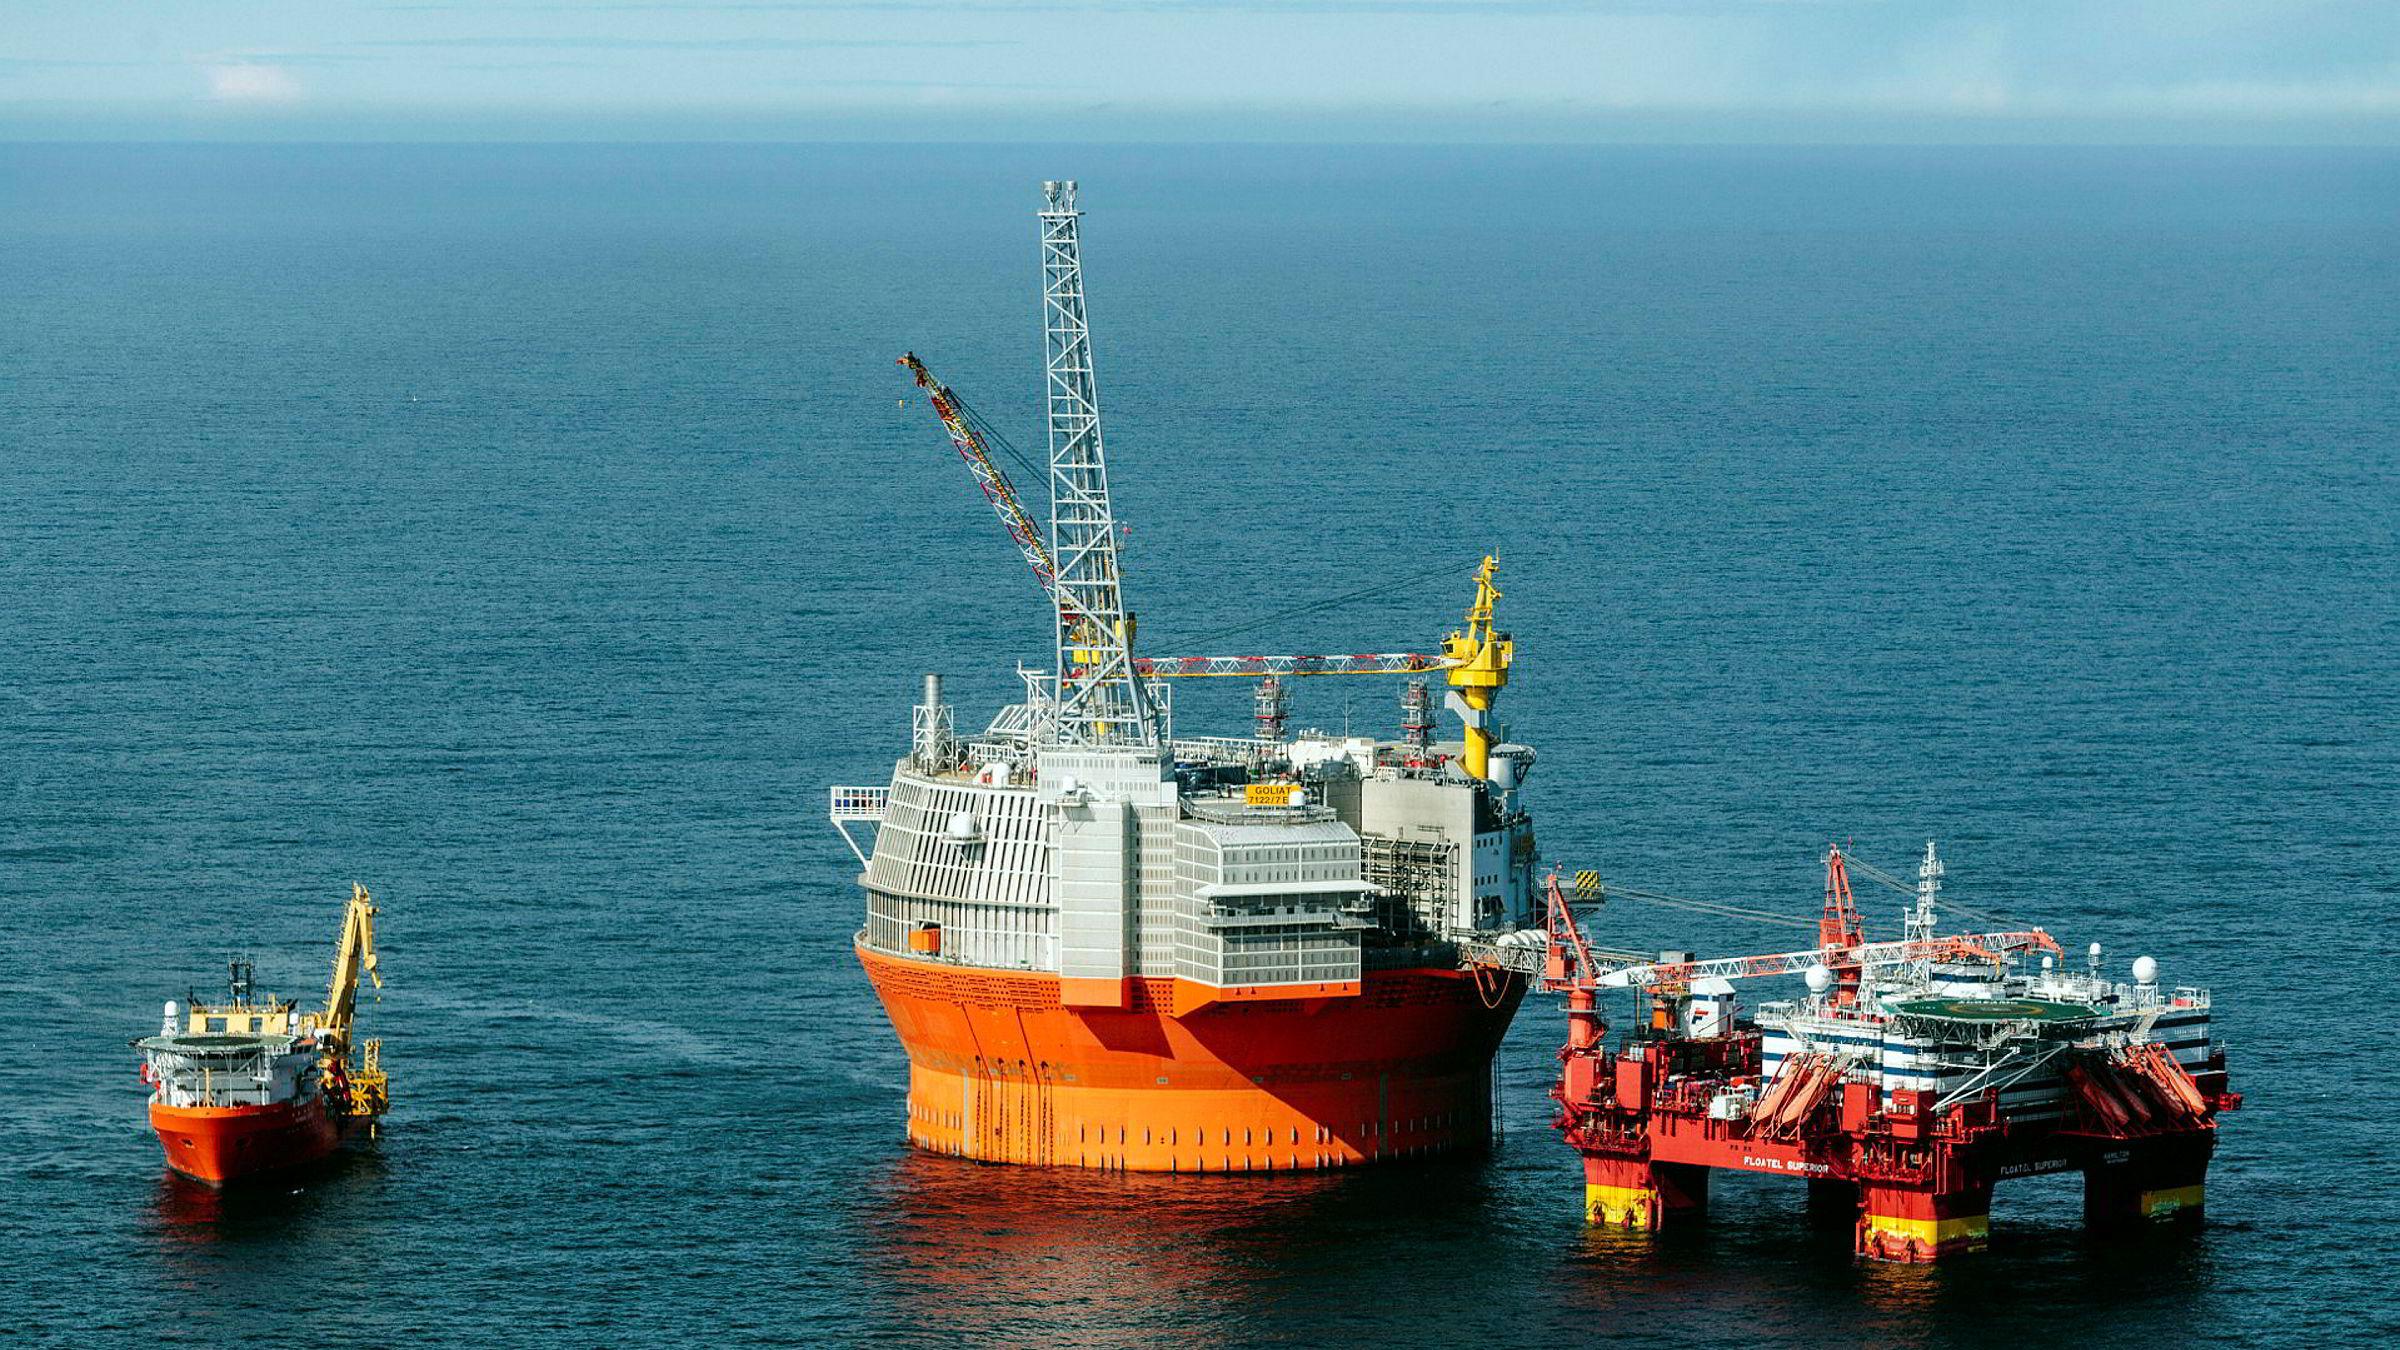 Goliat-plattformen har vært forfulgt av en nærmest endeløs rekke problemer, men olje- og energiminister Terje Søviknes mener at feltet, tross problemene, til syvende og sist vil gi positiv avkastning på investert kapital.